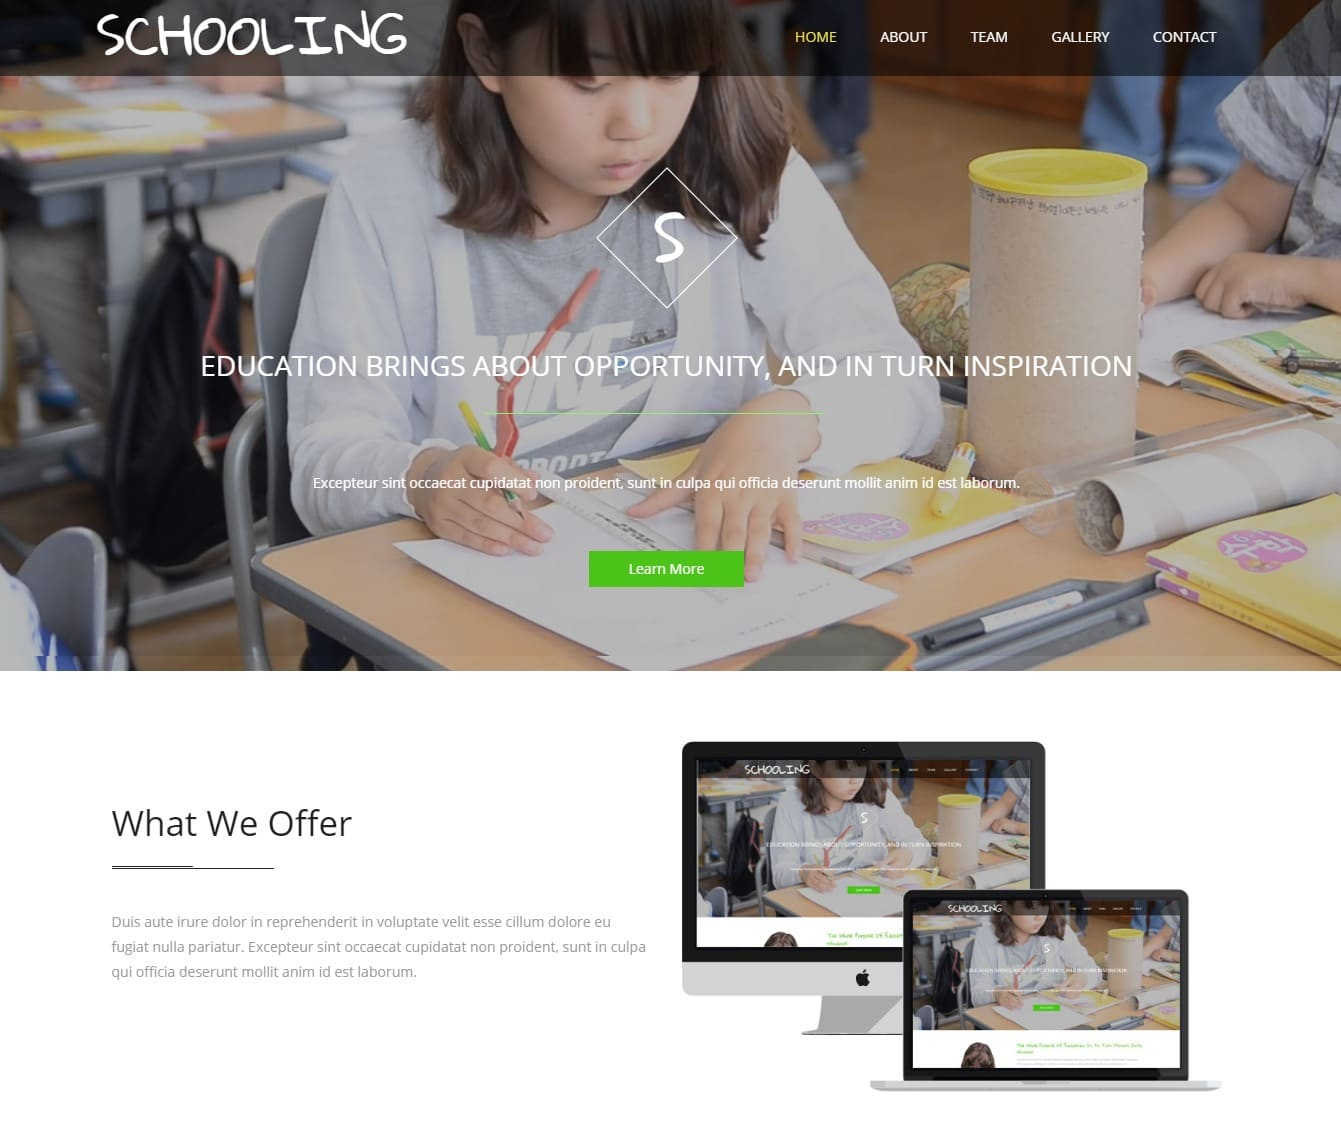 schooling-free-kindergarten-website-template